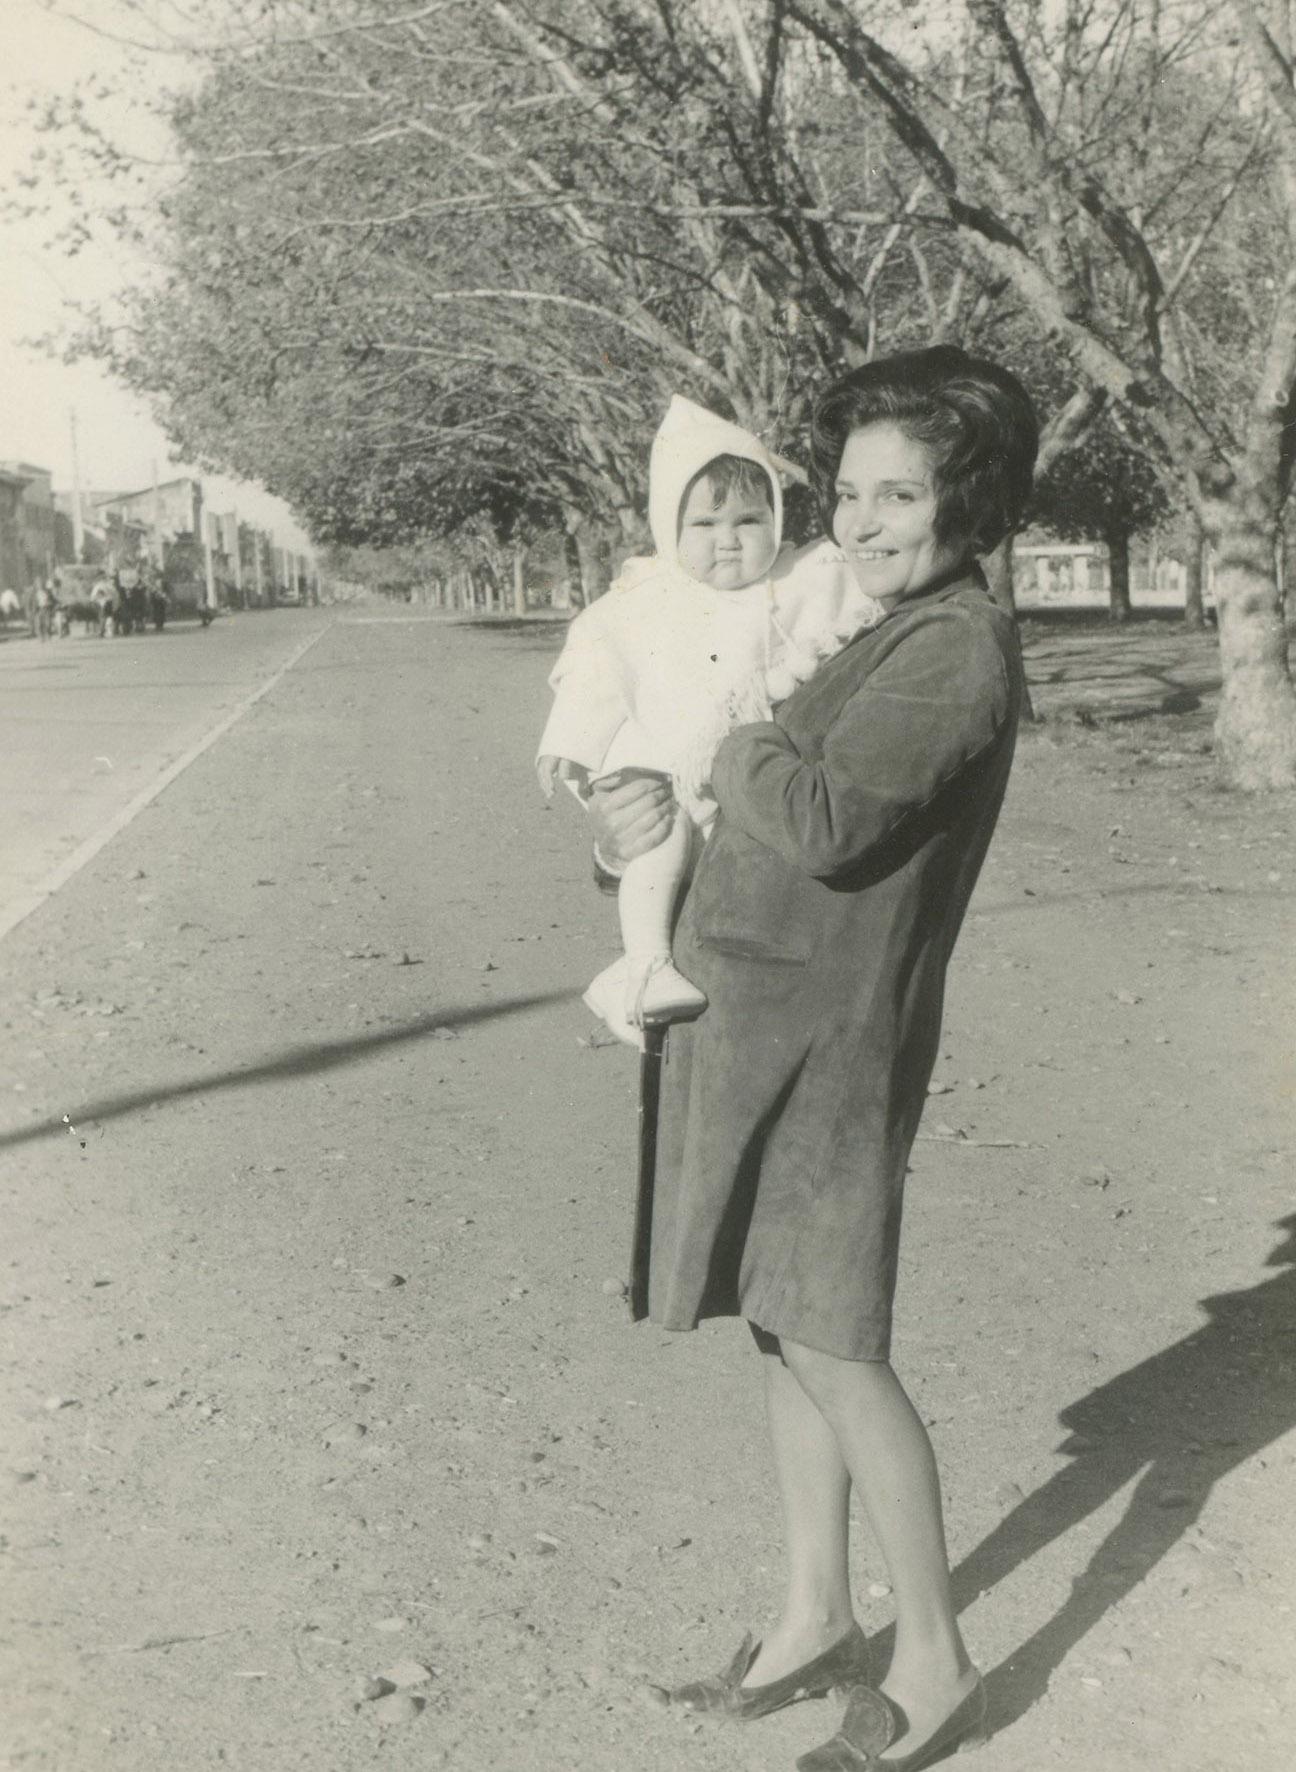 Enterreno - Fotos históricas de chile - fotos antiguas de Chile - Madre e hijo en Talca en 1969